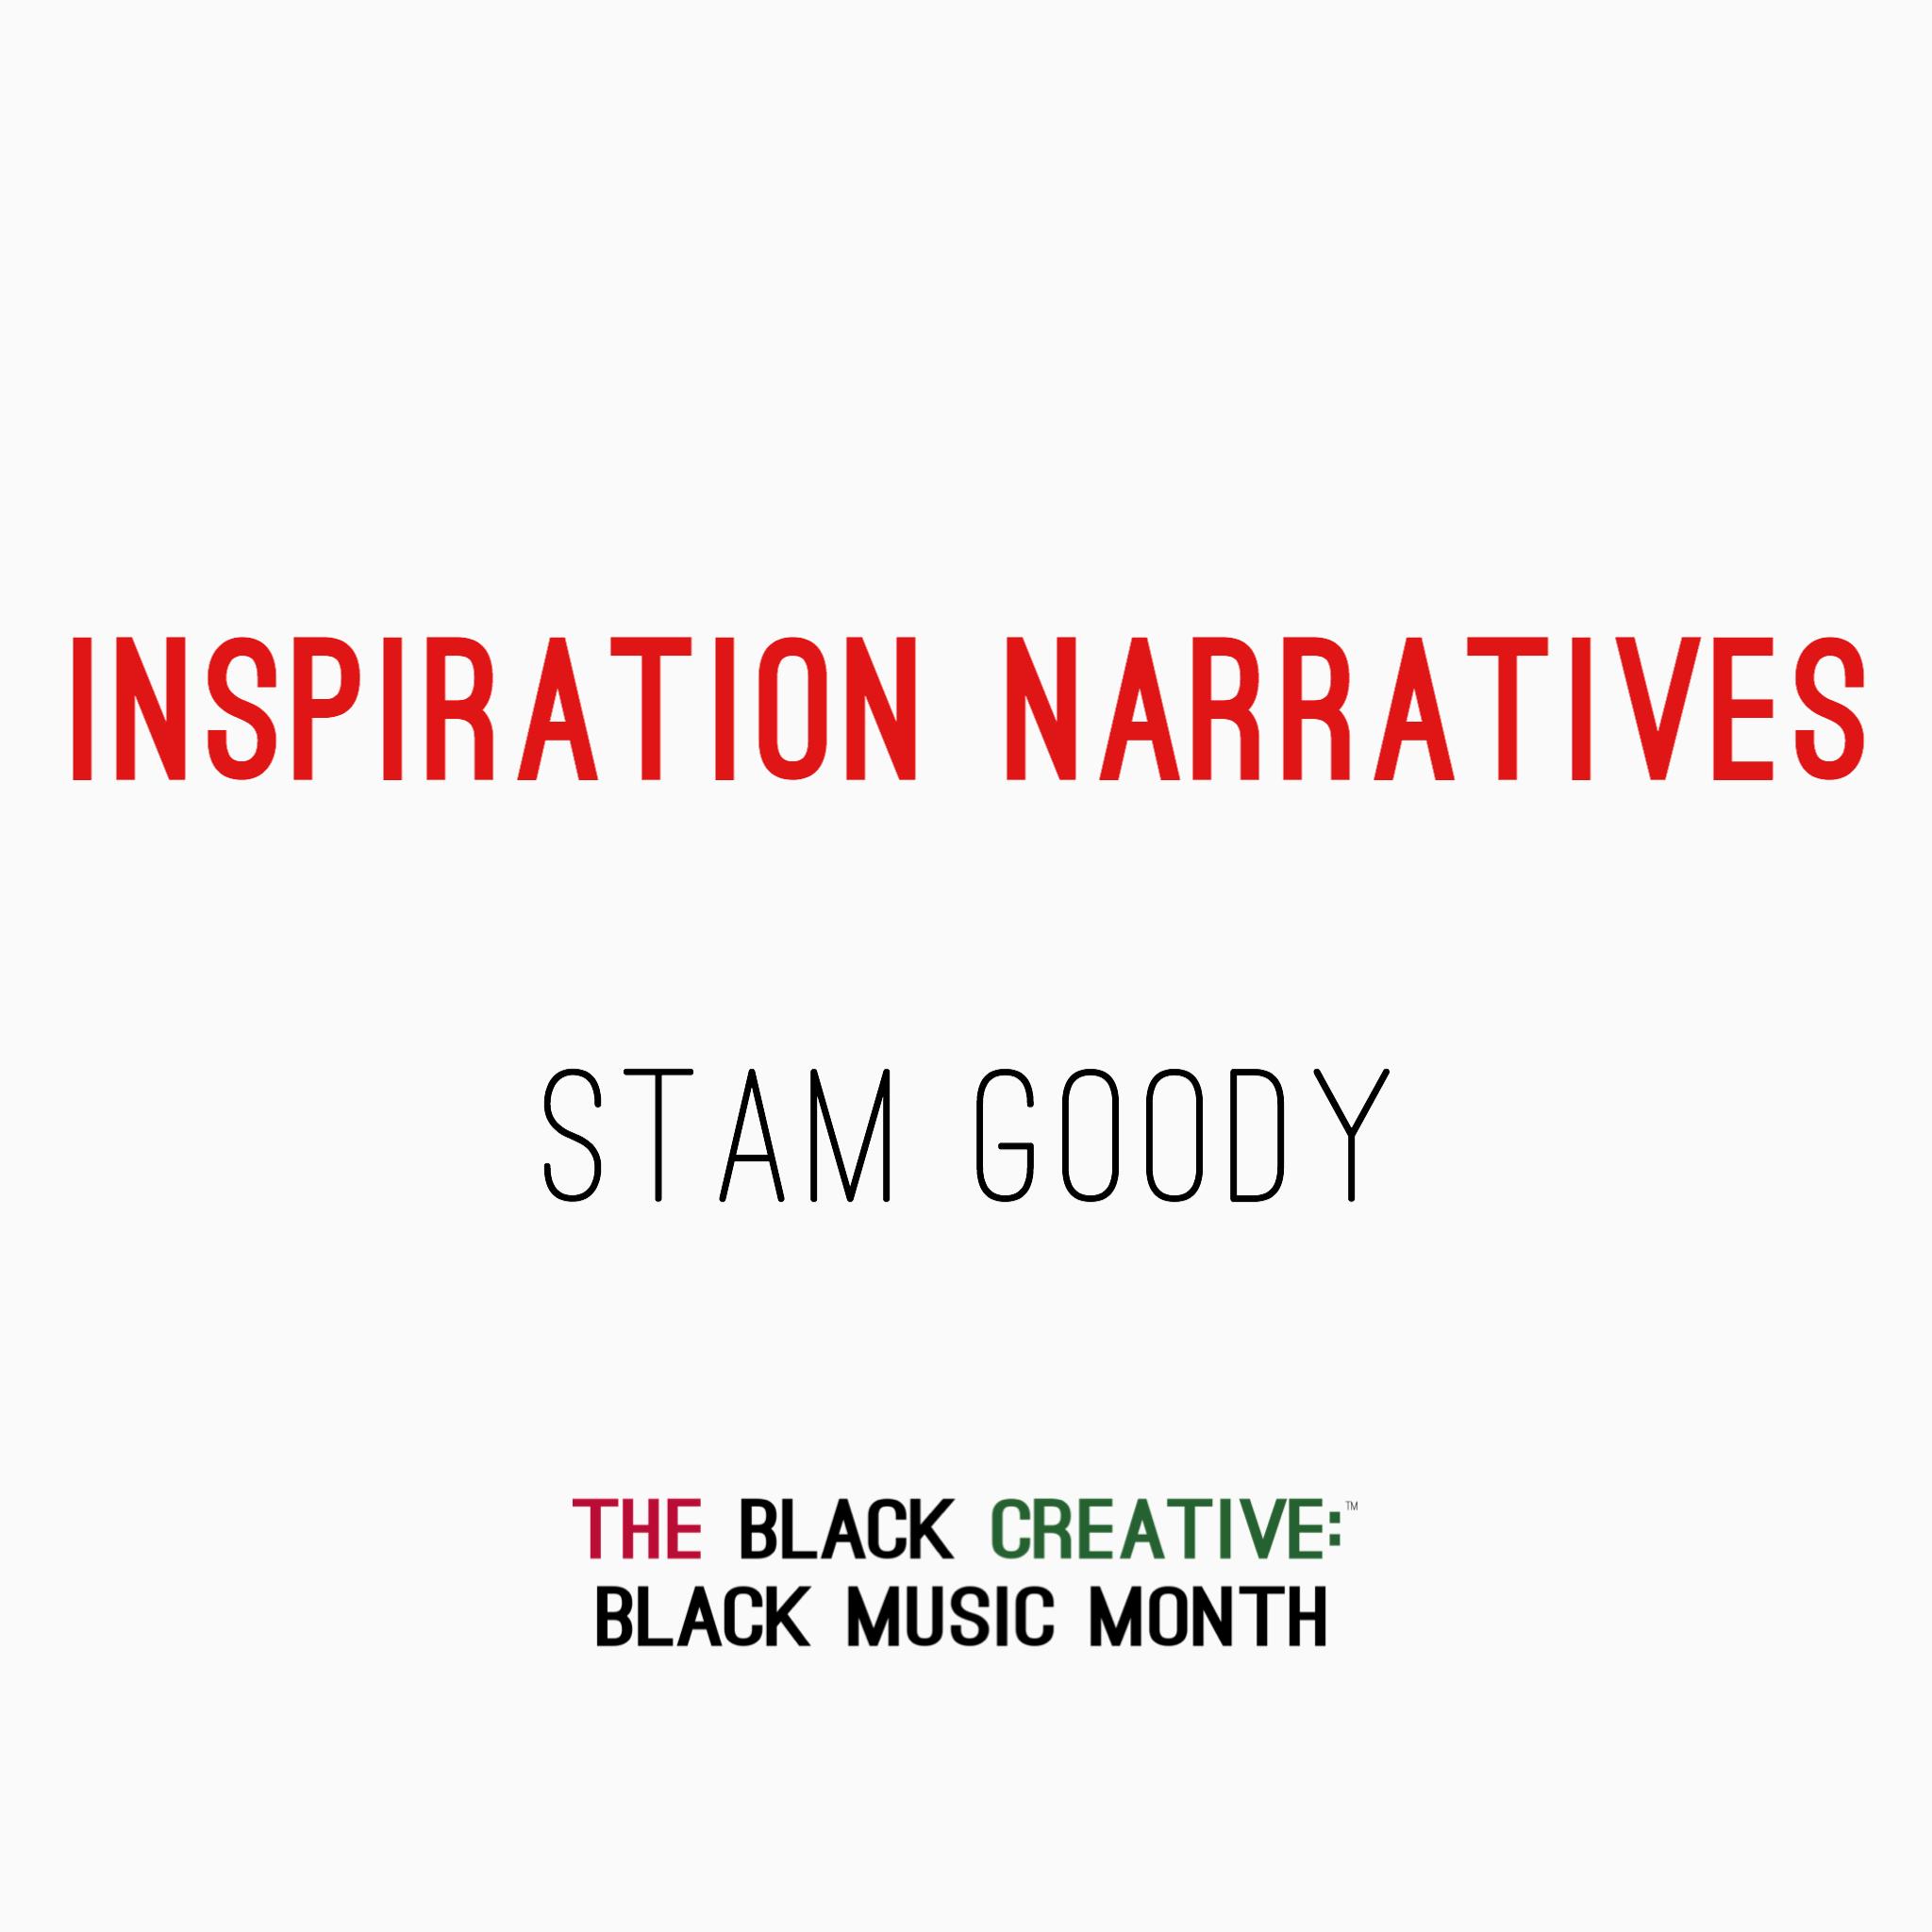 Inspiration Narratives - Stam Goody